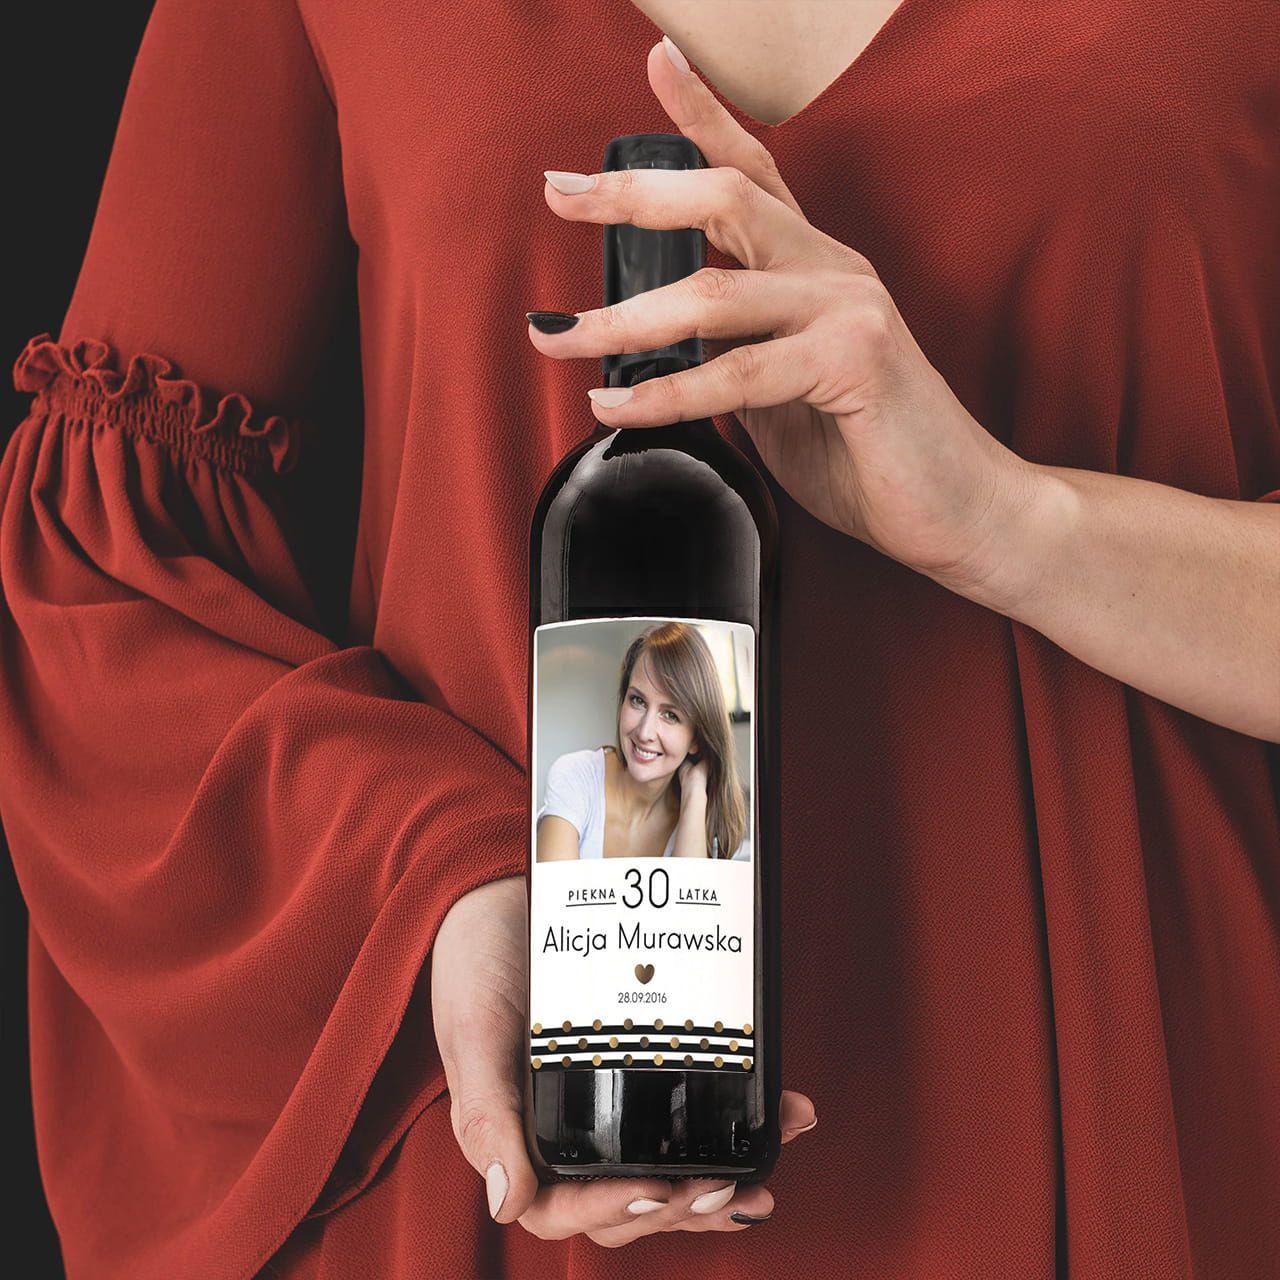 Eleganckie Zyczenia Urodzinowe Jack Daniels Wino Na Prezent